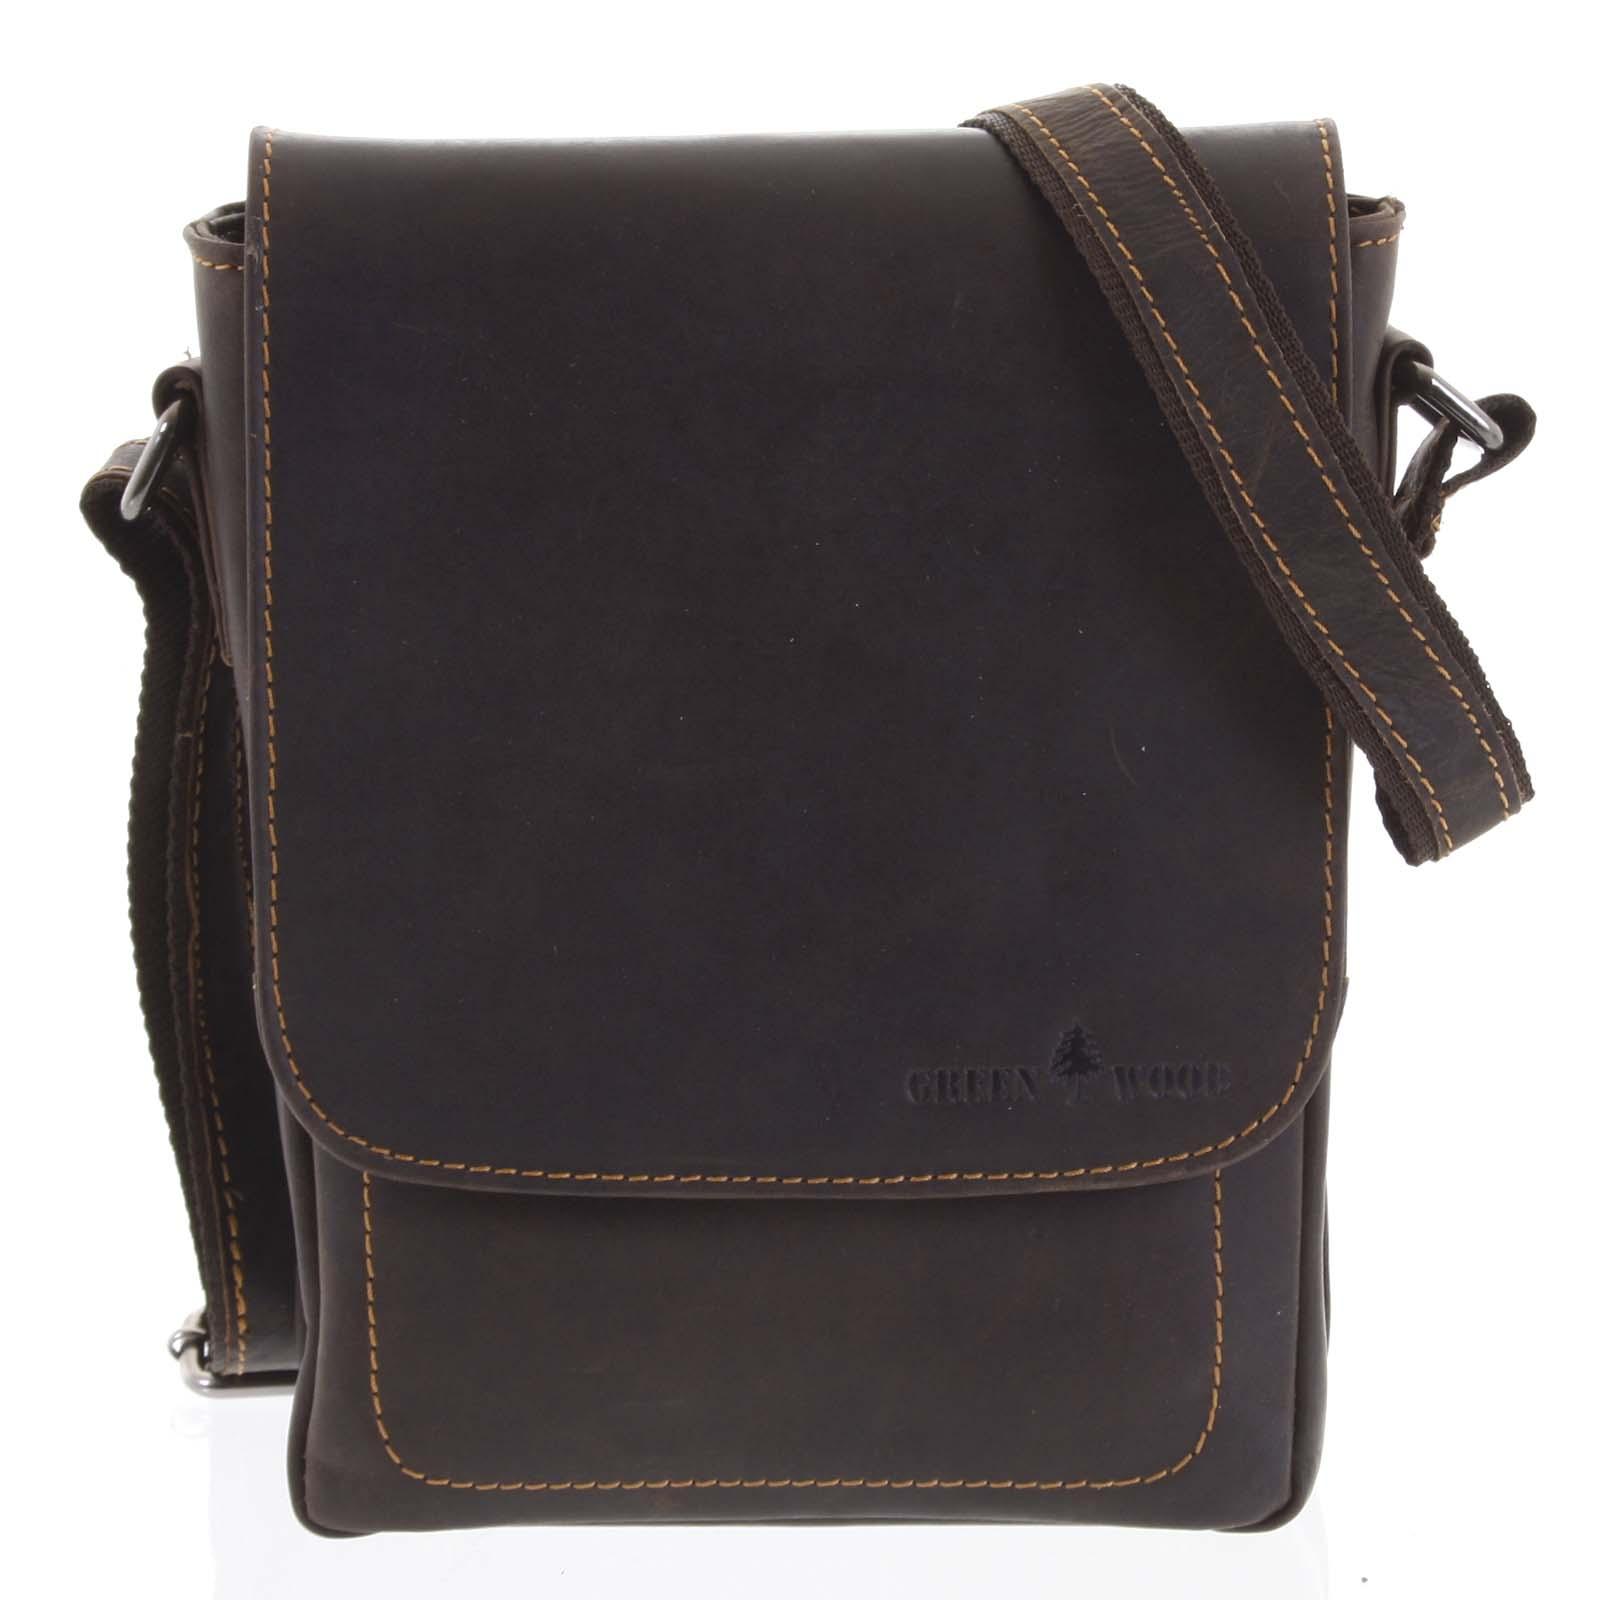 Pánská kožená crossbody taška tmavě hnědá - Greenwood Nash